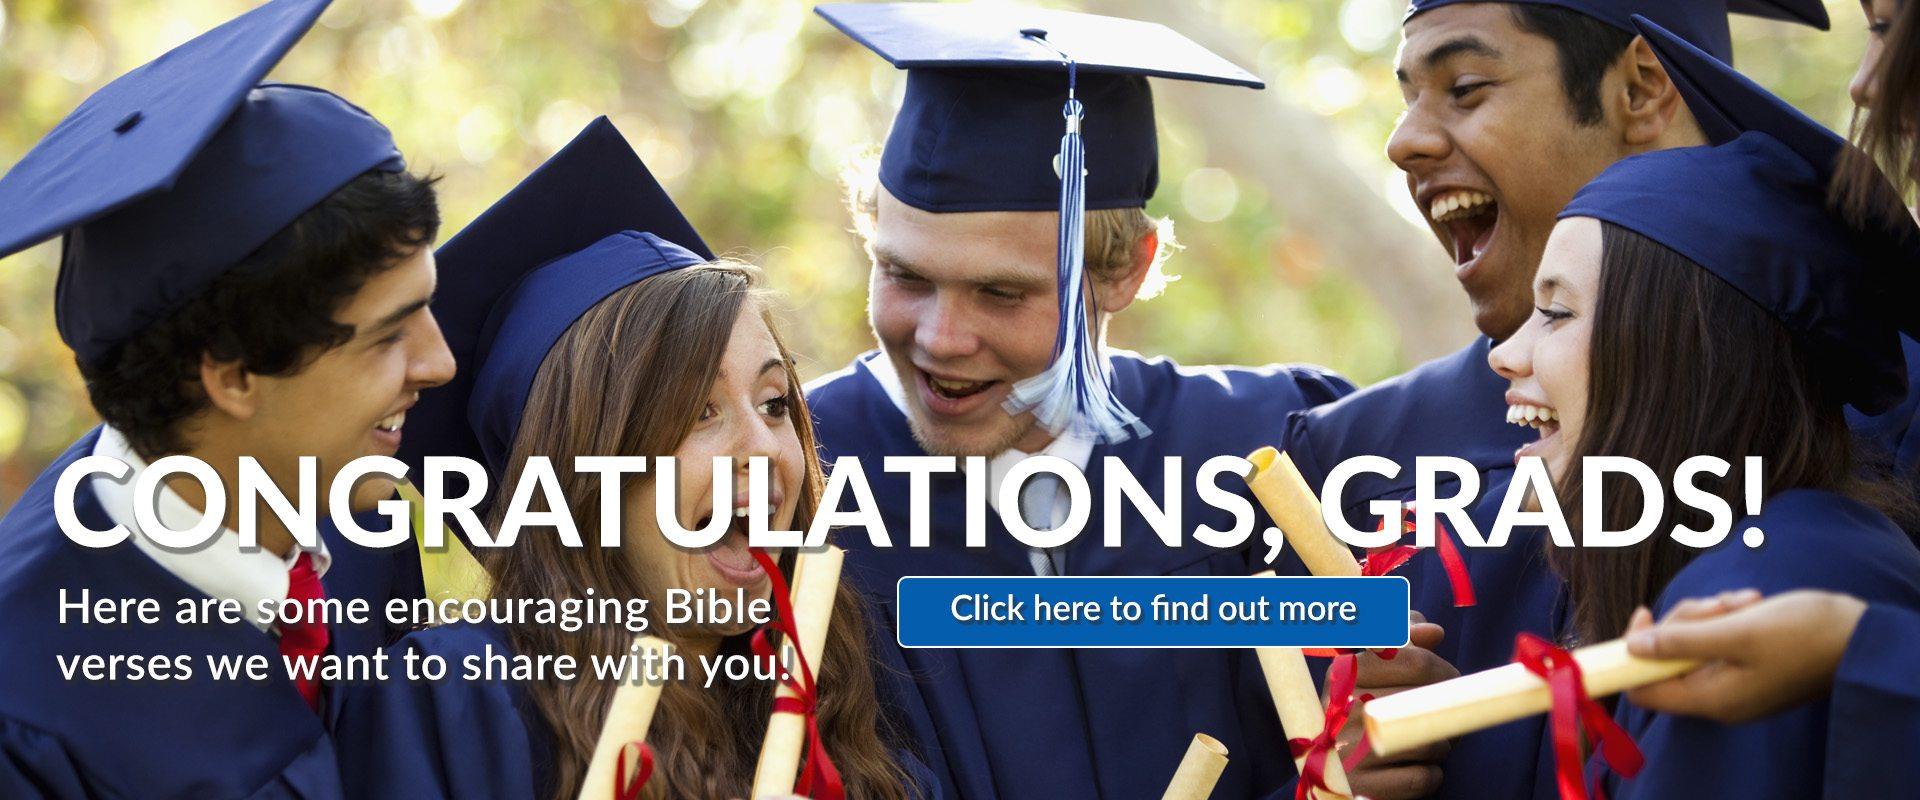 20180524 Congrats Grads – KGLY